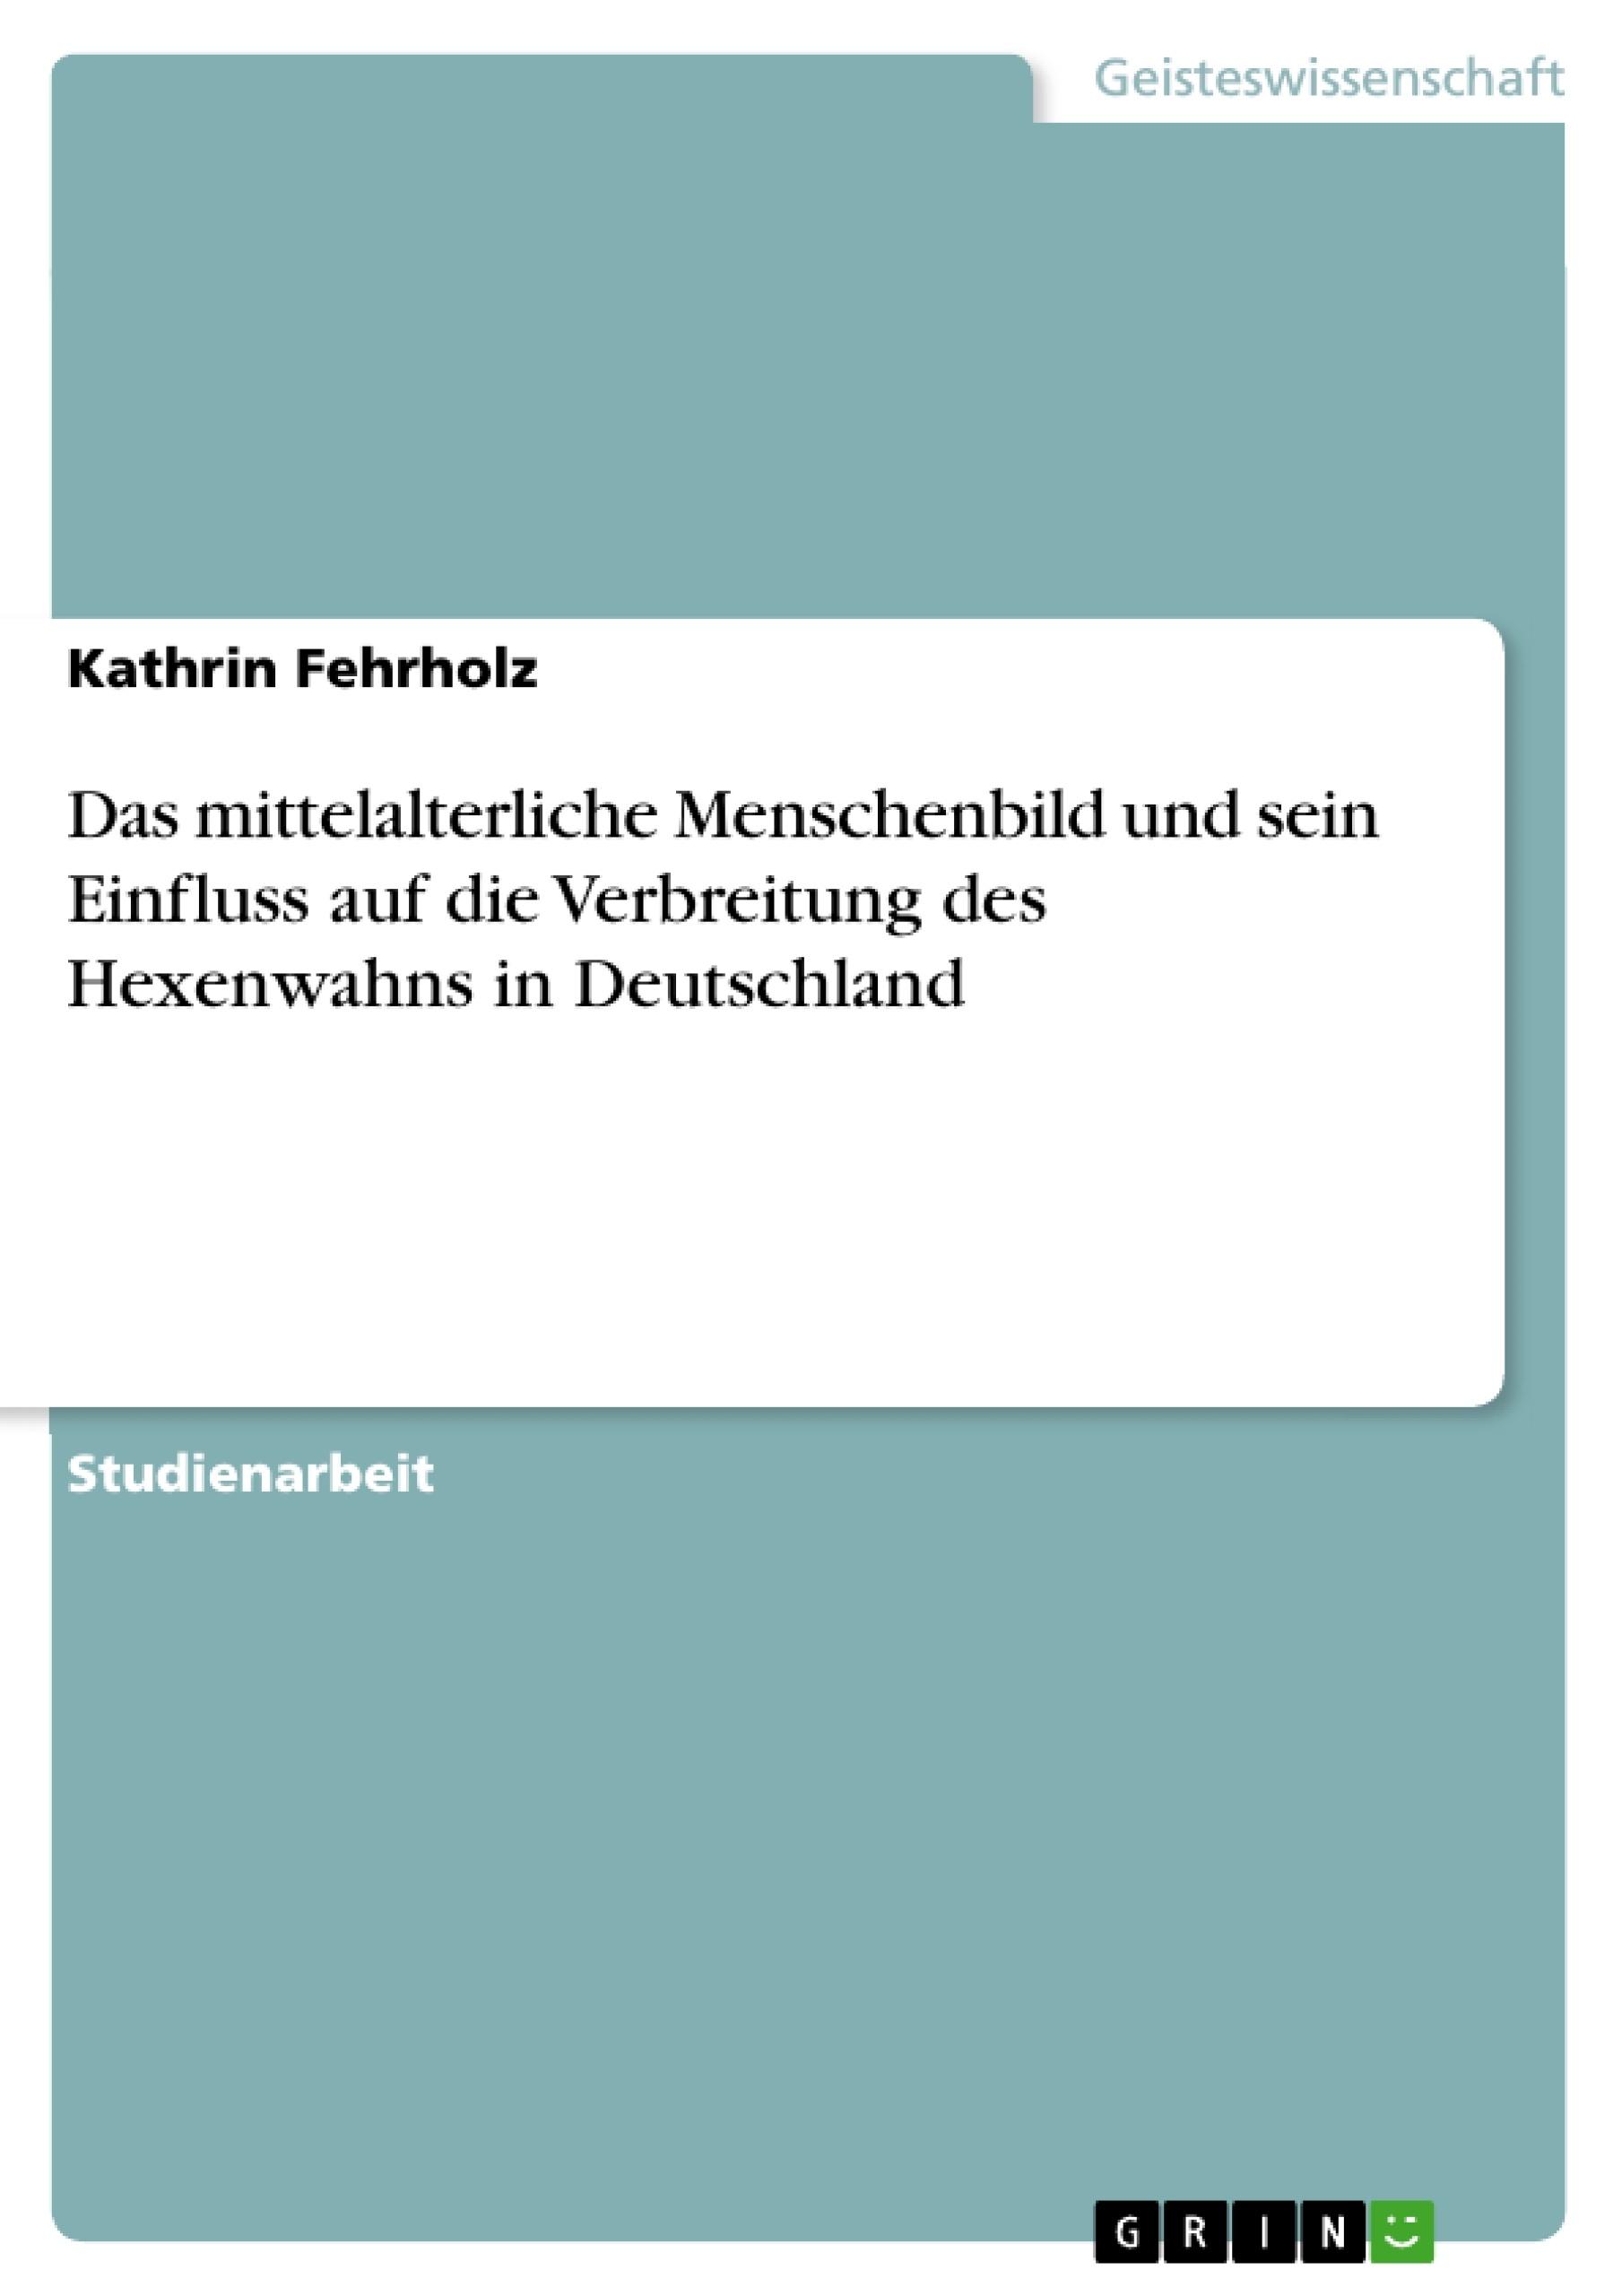 Titel: Das mittelalterliche Menschenbild und sein Einfluss auf die Verbreitung des Hexenwahns in Deutschland